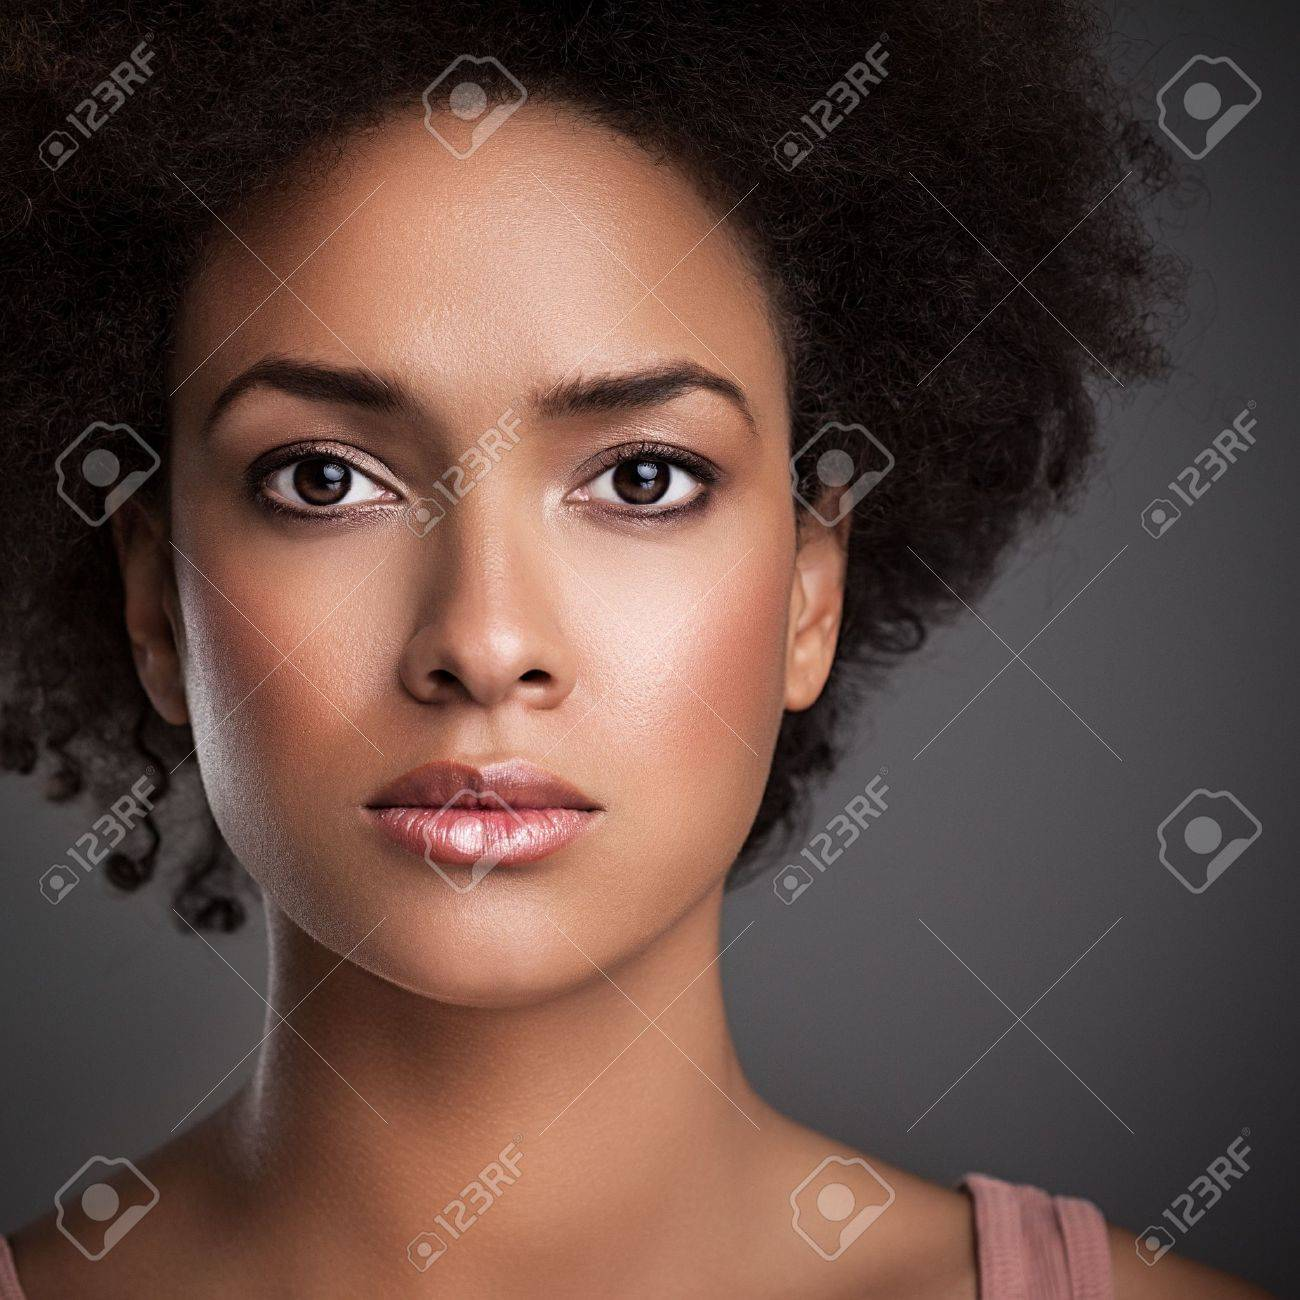 Fabuleux Portrait D'une Femme Africaine Avec Une Expression Sérieuse Sur &UN_22